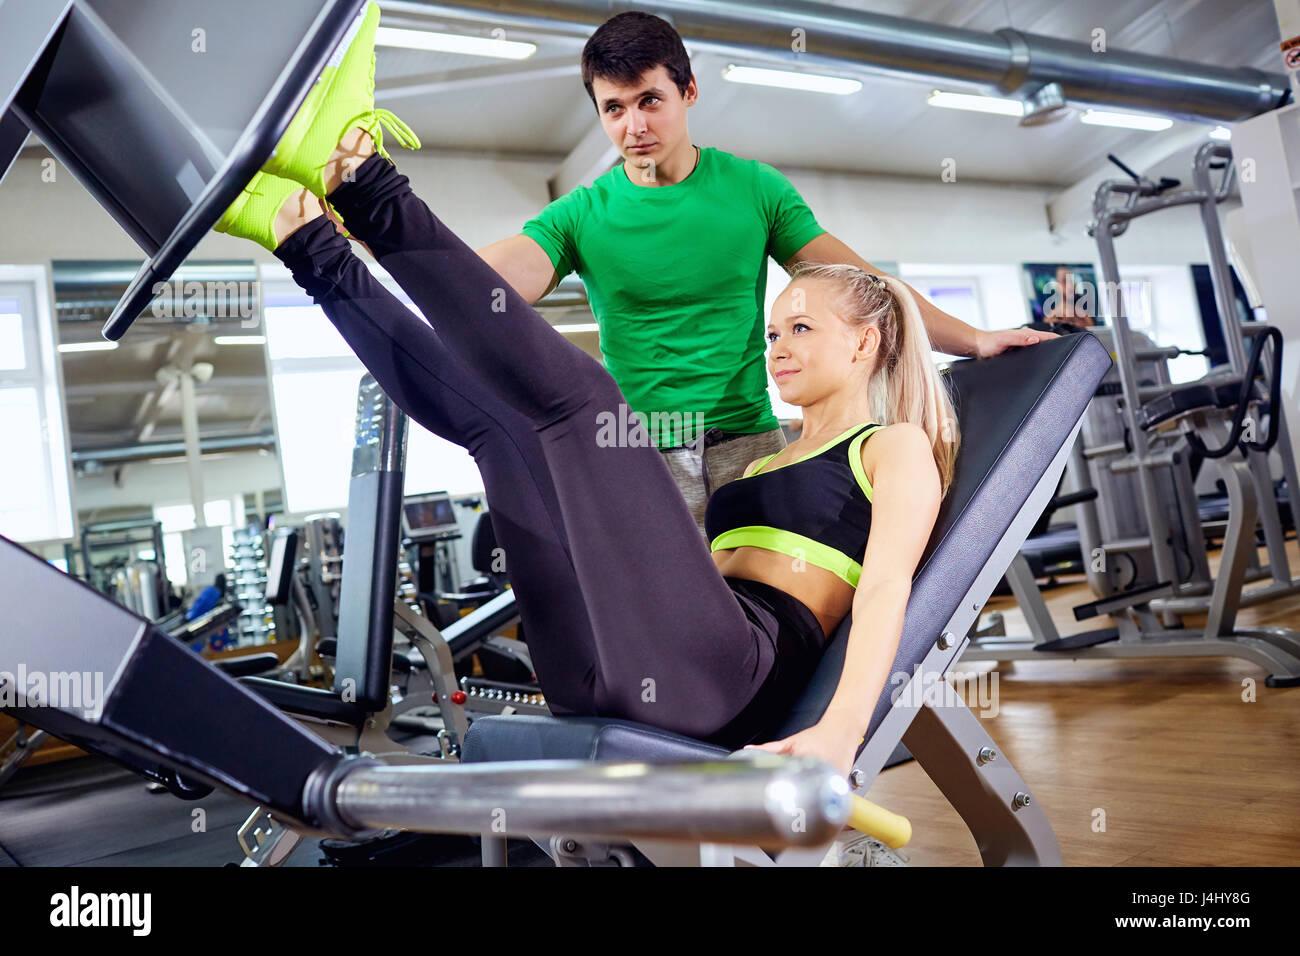 Una chica está haciendo ejercicios en el simulador de pie con personal t Imagen De Stock